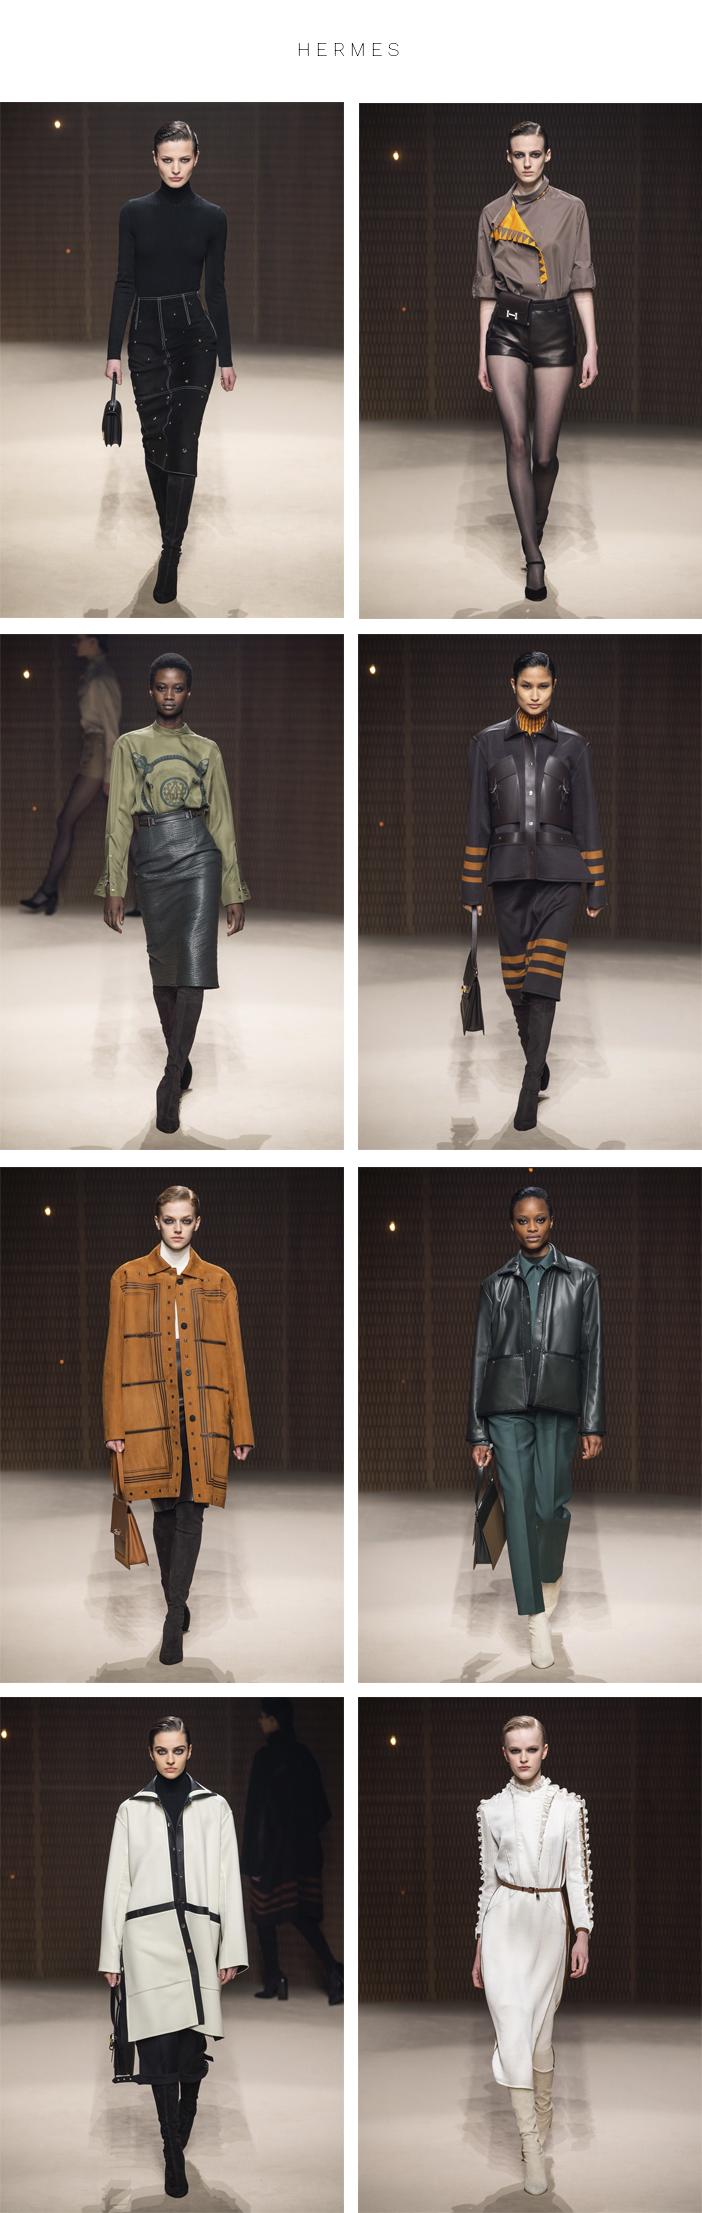 Semana de Moda de Paris - Inverno 2019 - Parte 2 - Hermes